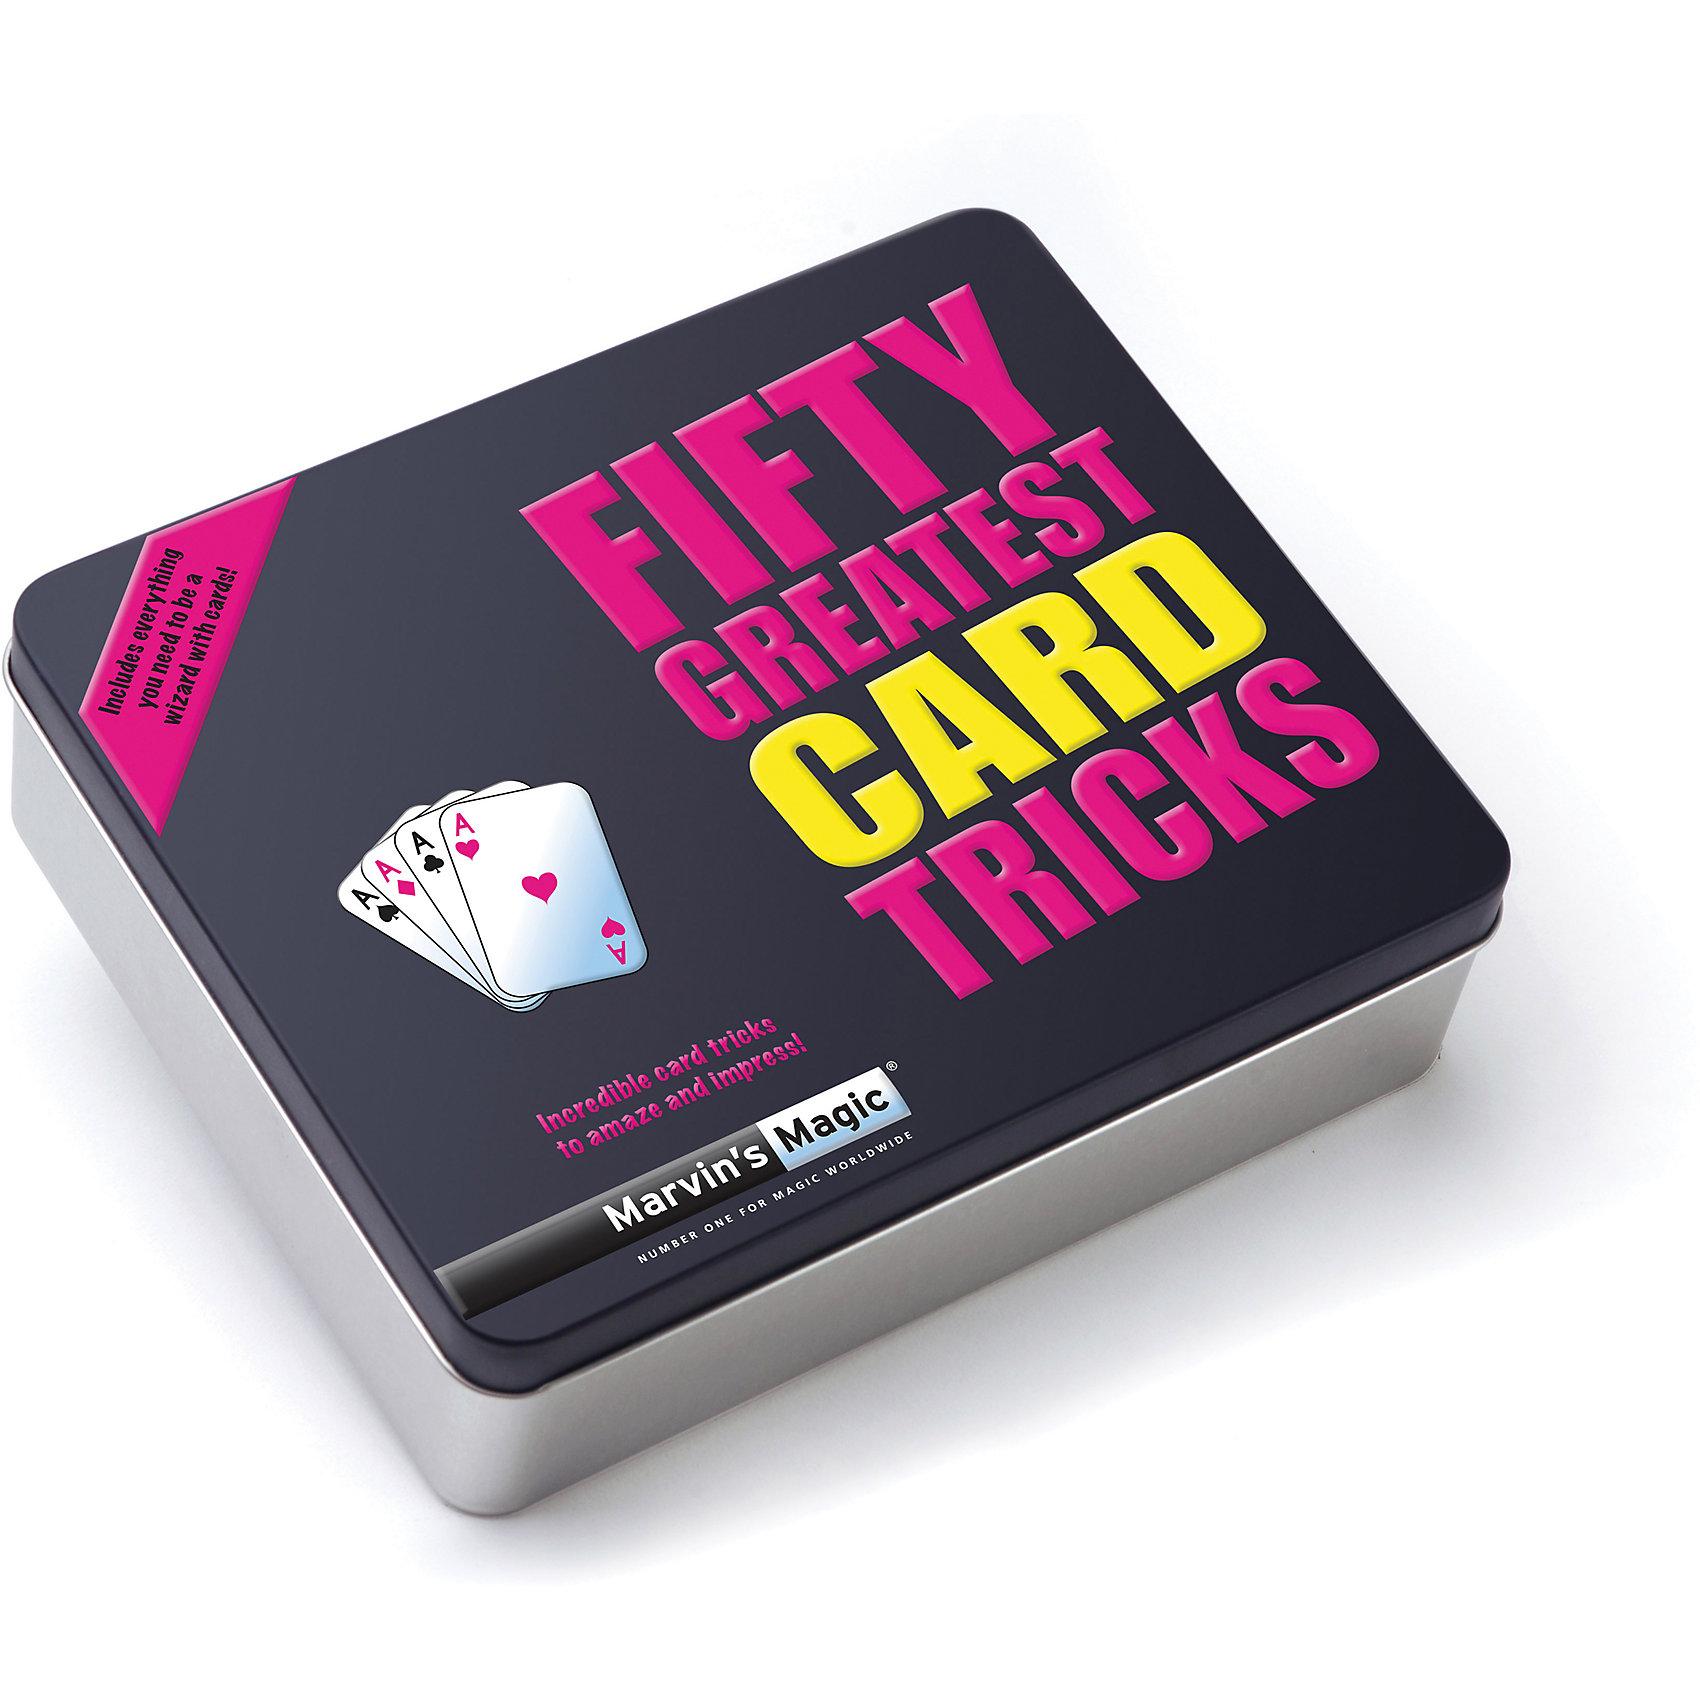 Набор фокусов  50 величайших  карточных фокусовИгры-фокусы<br>Набор фокусов 50 величайших карточных фокусов.<br><br>Характеристики:<br><br>• Возраст: от 8 лет<br>• В наборе: колода карт, подробная инструкция<br>• Количество фокусов: 50<br>• Материал: картон<br>• Упаковка: жестяная коробка<br>• Размер упаковки: 17,8x5,1x15,2 см.<br><br>Набор фокусов 50 величайших карточных фокусов от Marvins Magic превратит Вас в настоящего карточного фокусника! С помощью карт Вы сможете показать 50 величайших фокусов для своих друзей. В эксклюзивной книге в твердом переплете Вы найдете подробную инструкцию с картинками. Карточные хитрости, такие как изменение цвета туза, таинственная сила разума и другие не дадут скучать Вам и Вашим друзьям. Набор 50 величайших карточных фокусов от Marvins Magic - это отличный тренажер для развития сообразительности, ловкости и быстроты реакции.<br><br>Набор фокусов 50 величайших карточных фокусов можно купить в нашем интернет-магазине.<br><br>Ширина мм: 180<br>Глубина мм: 50<br>Высота мм: 150<br>Вес г: 426<br>Возраст от месяцев: 96<br>Возраст до месяцев: 2147483647<br>Пол: Унисекс<br>Возраст: Детский<br>SKU: 5482546